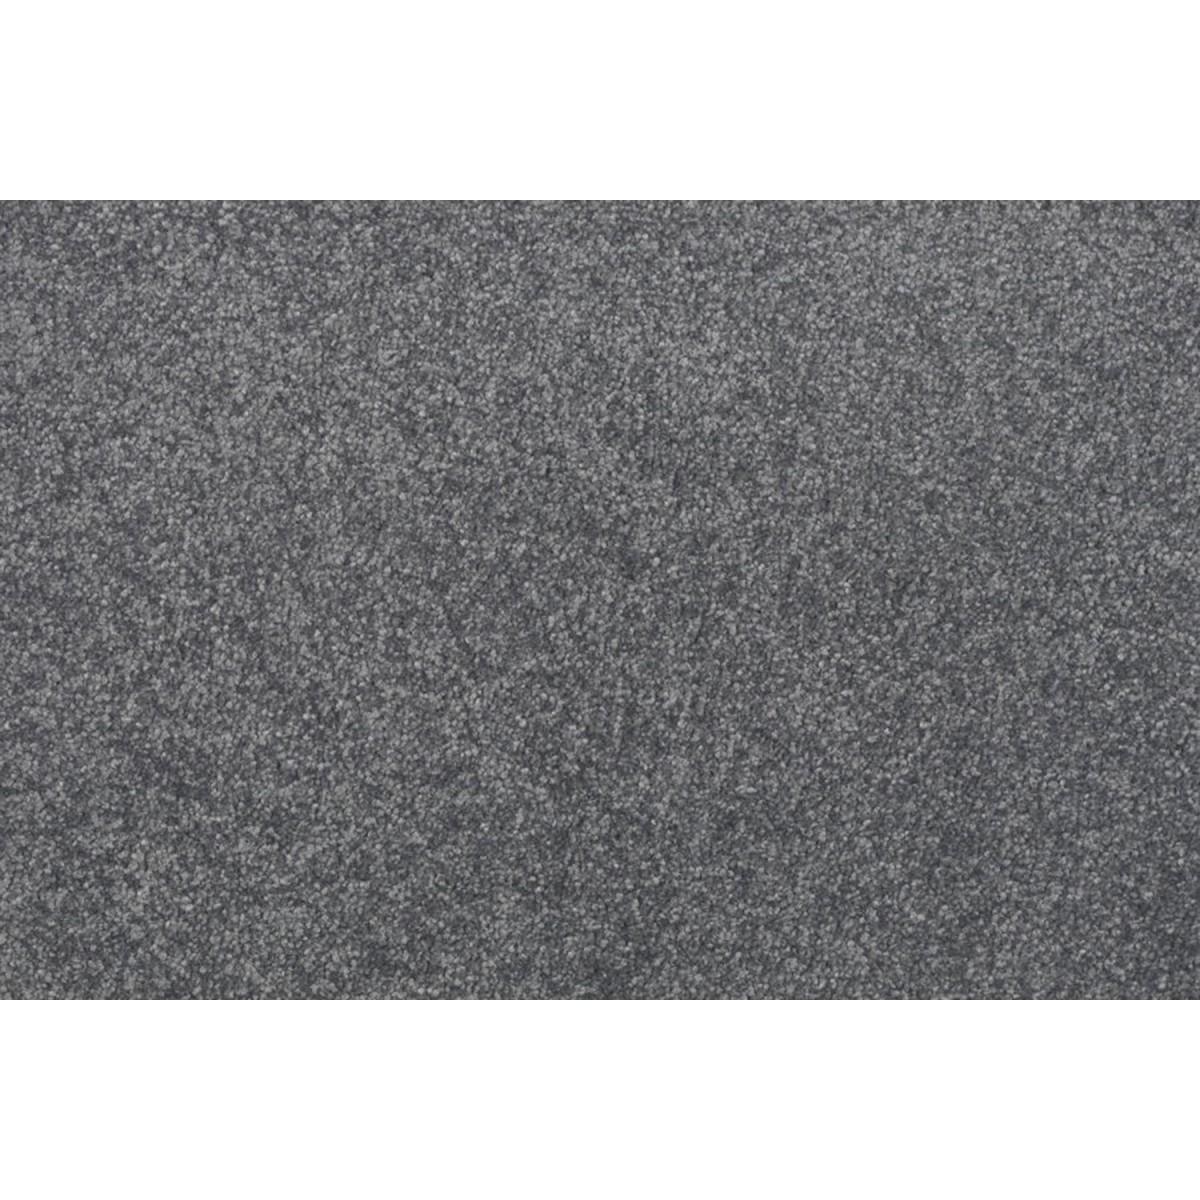 Vareprøve Teppeflis Floordream grey 970. Myk luksus!